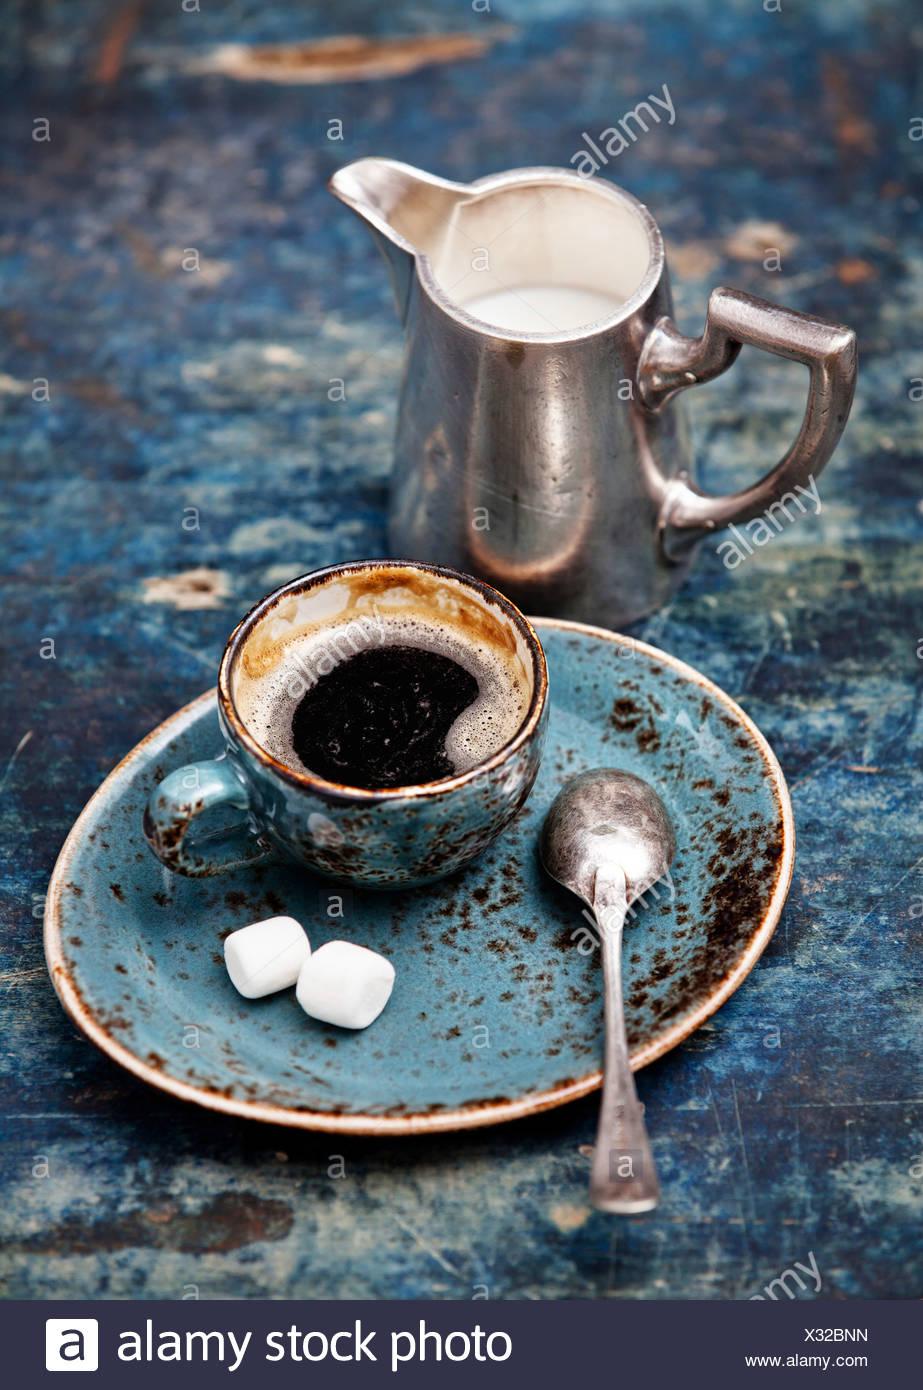 Tazza da caffè su sfondo blu Foto Stock